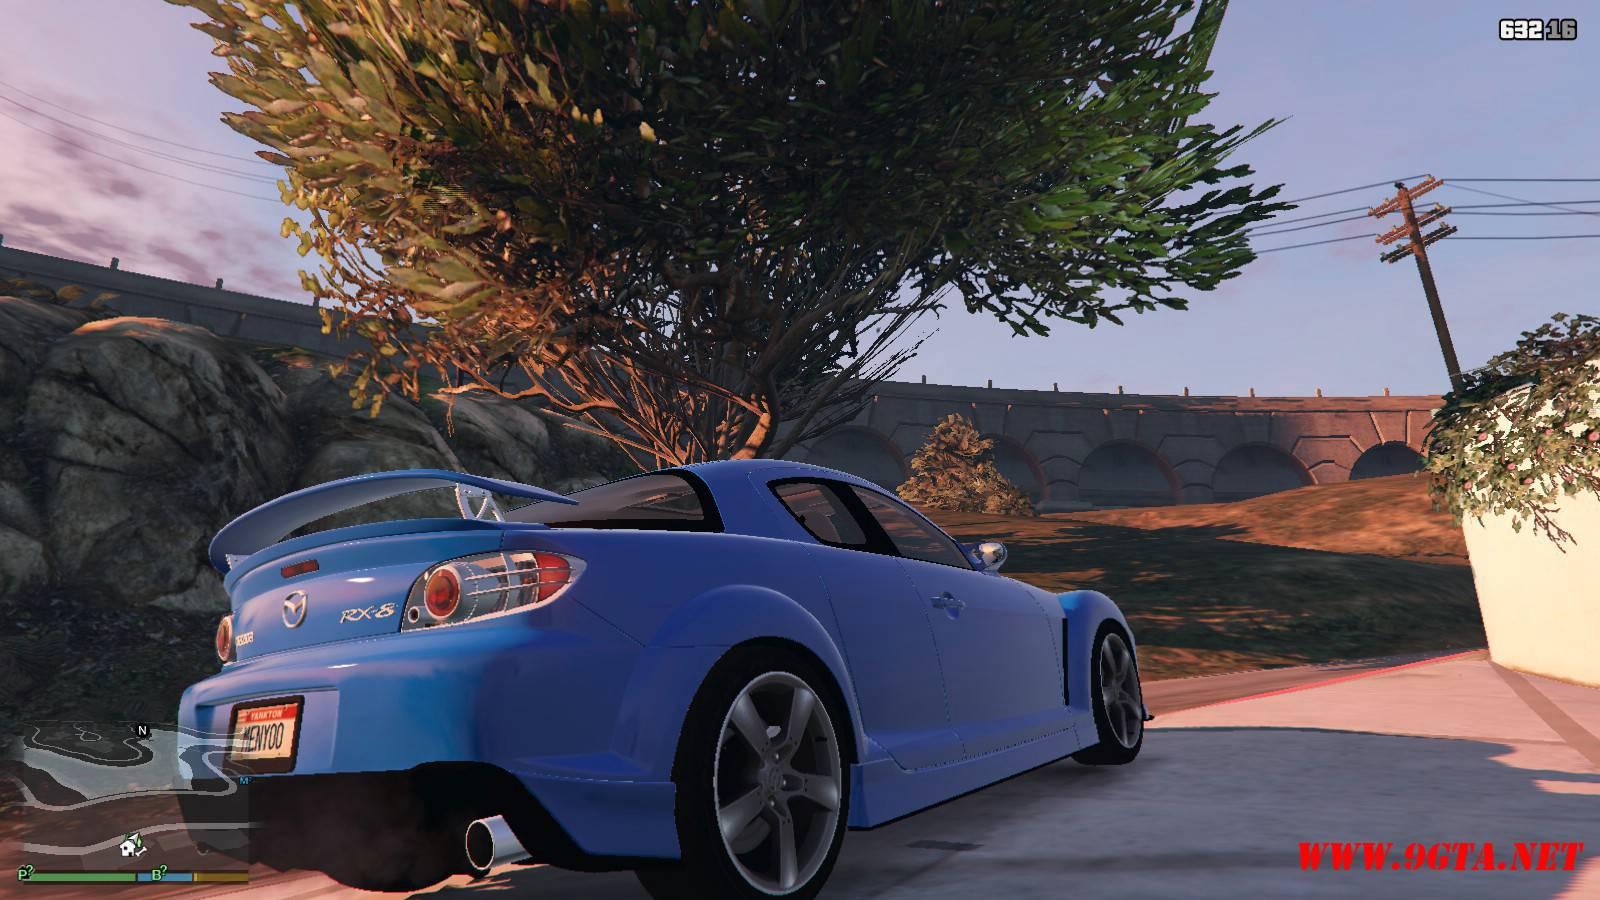 Mazda RX-8 Mazdaspeed FE3S GTA5 mods (10)